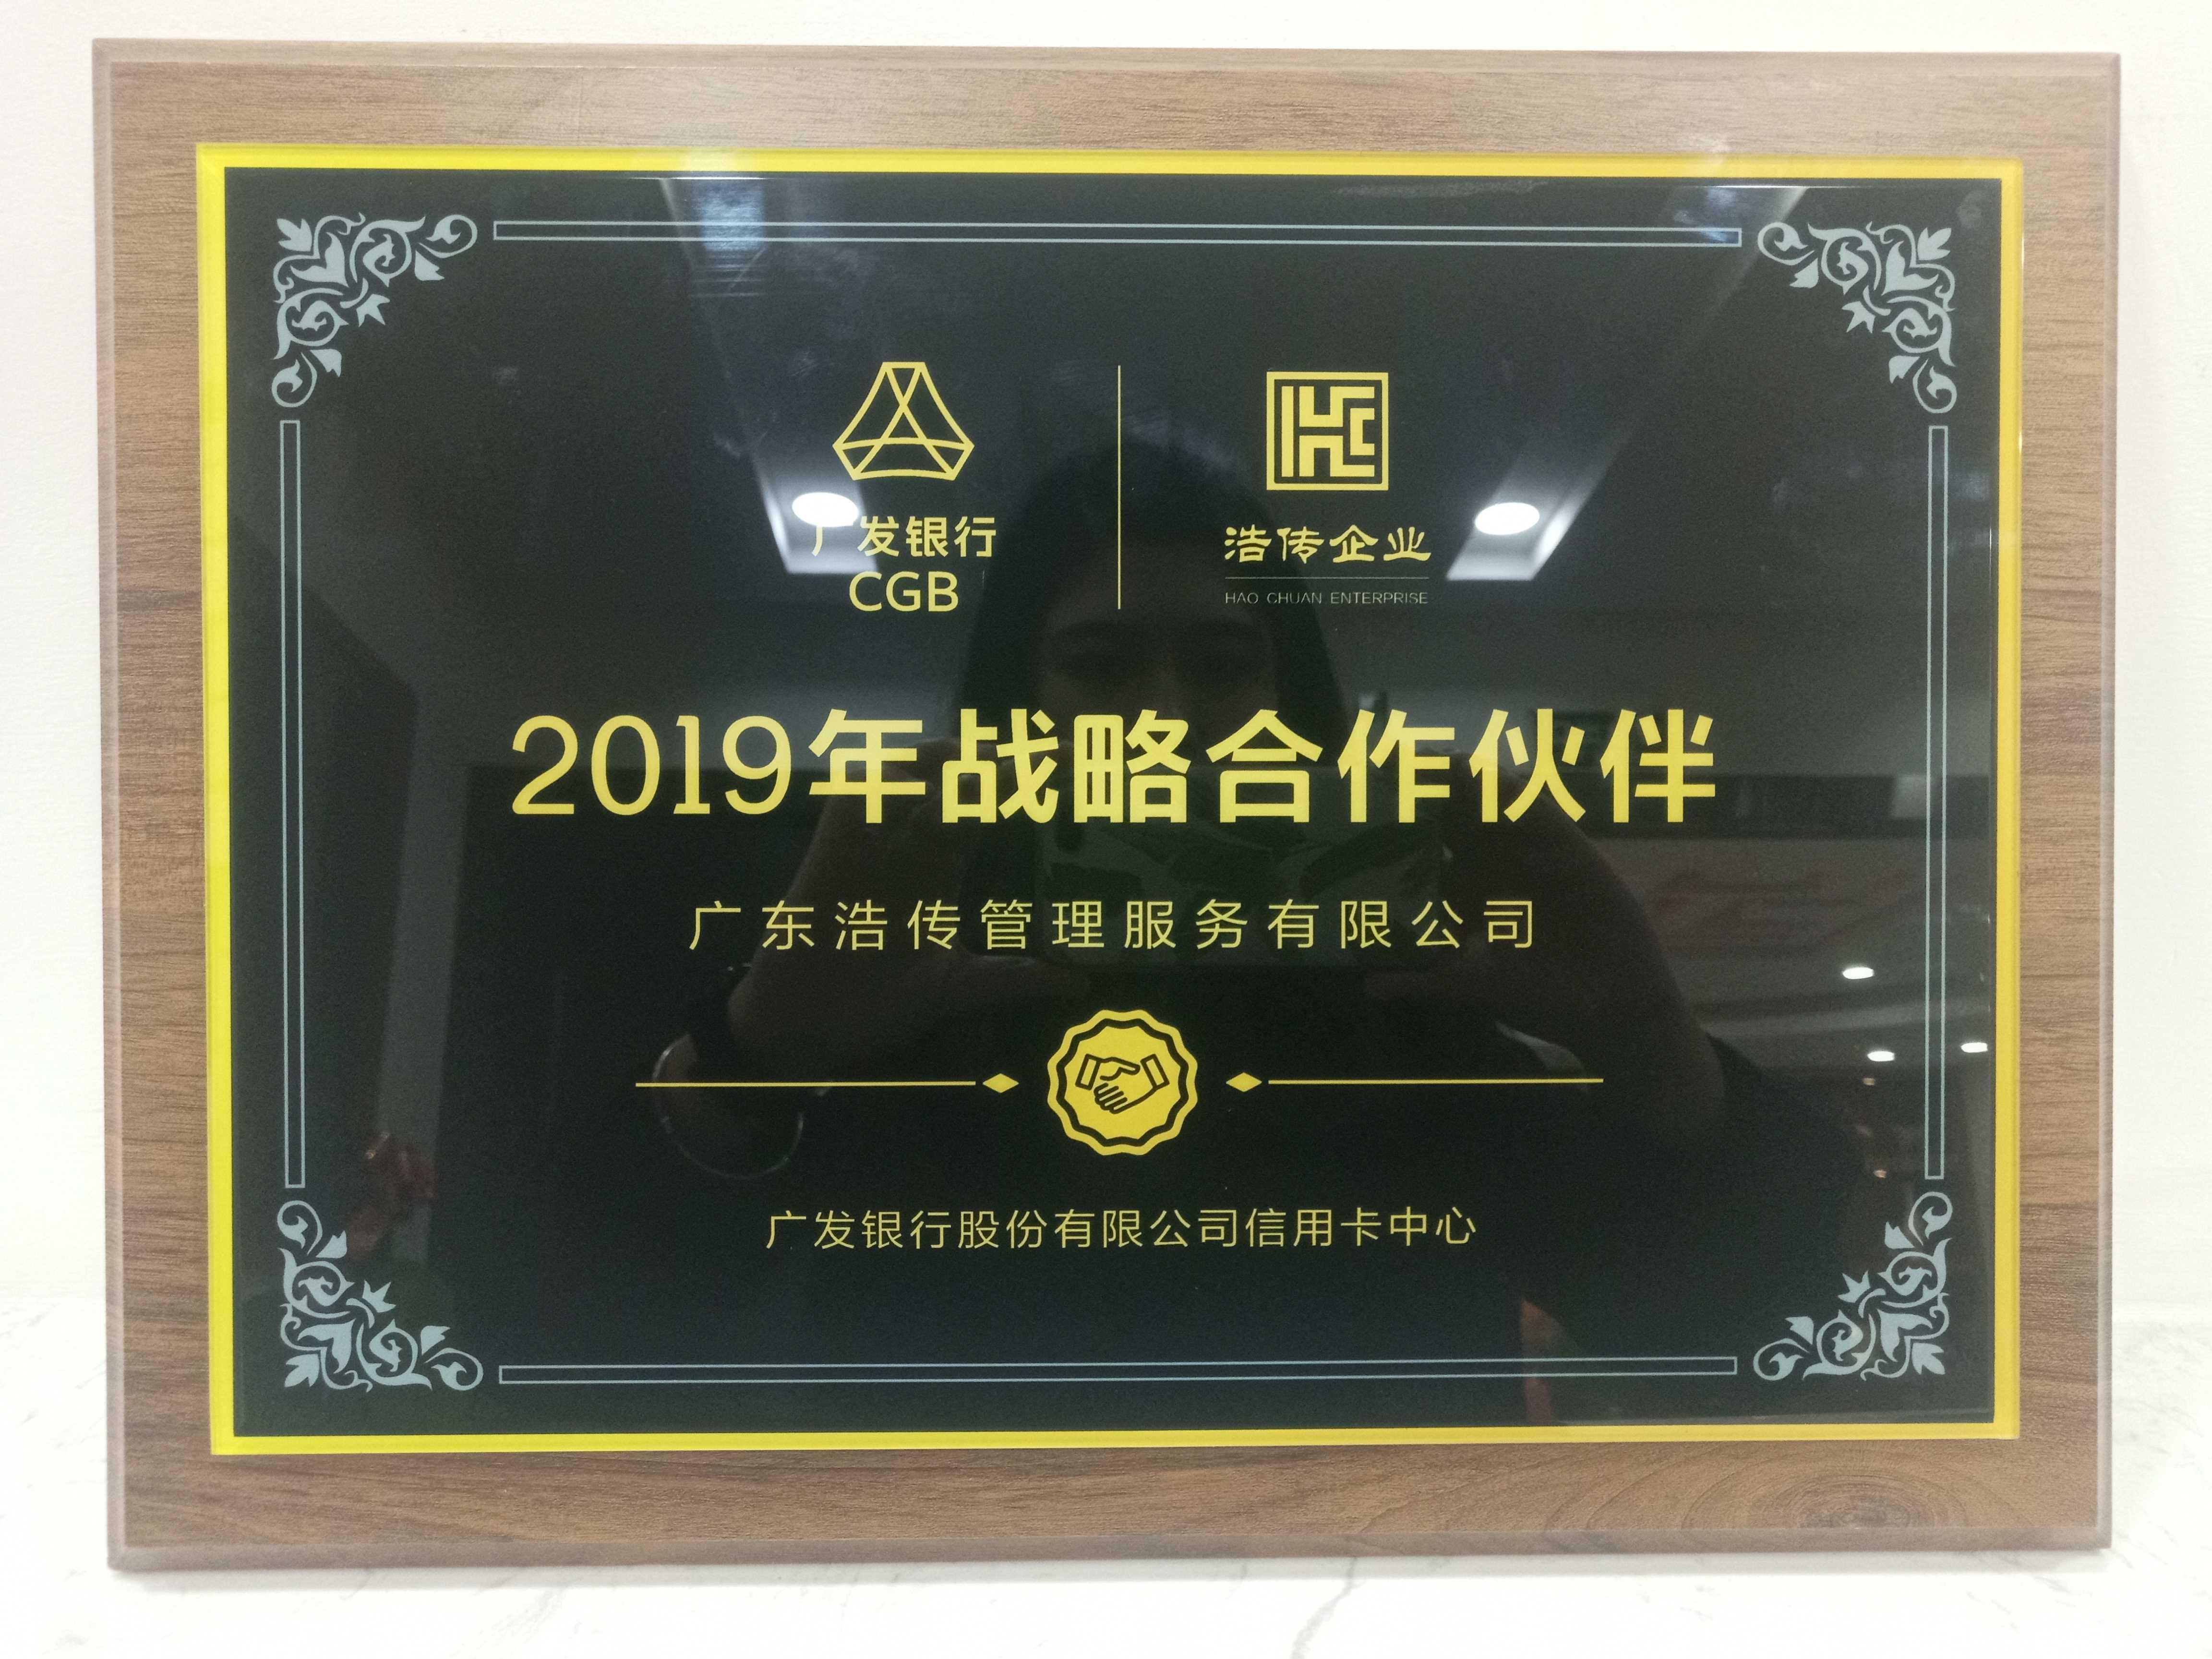 2019-廣發銀行2019年戰略合作伙伴